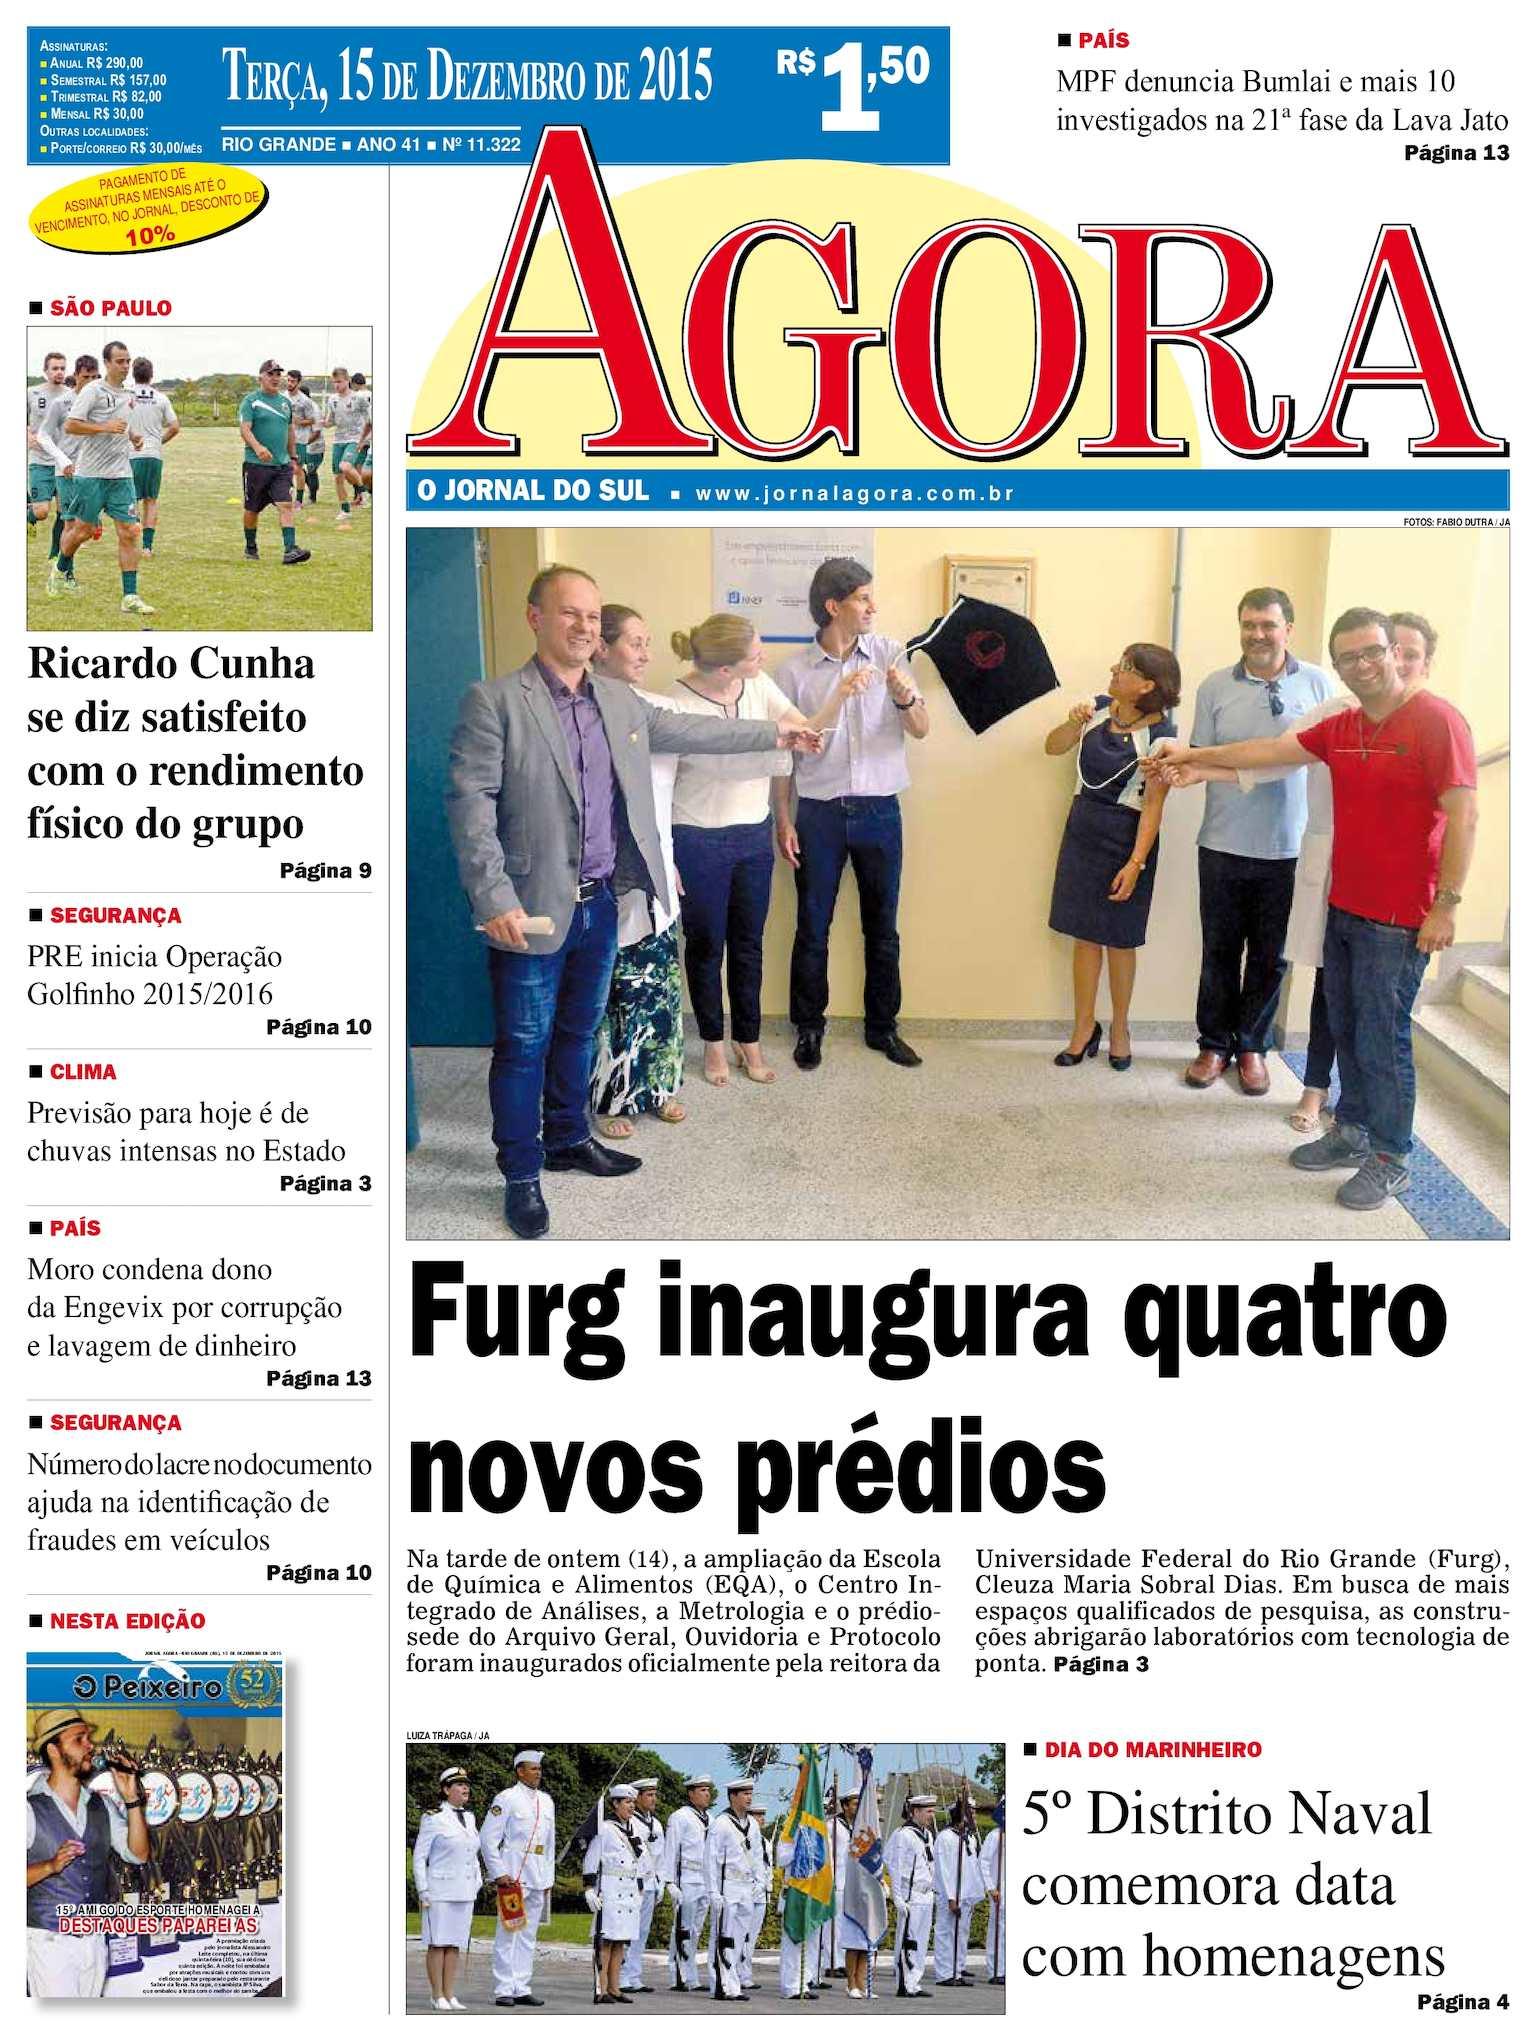 01d0a6892c Calaméo - Jornal Agora - Edição 11322 - 15 de Dezembro de 2015